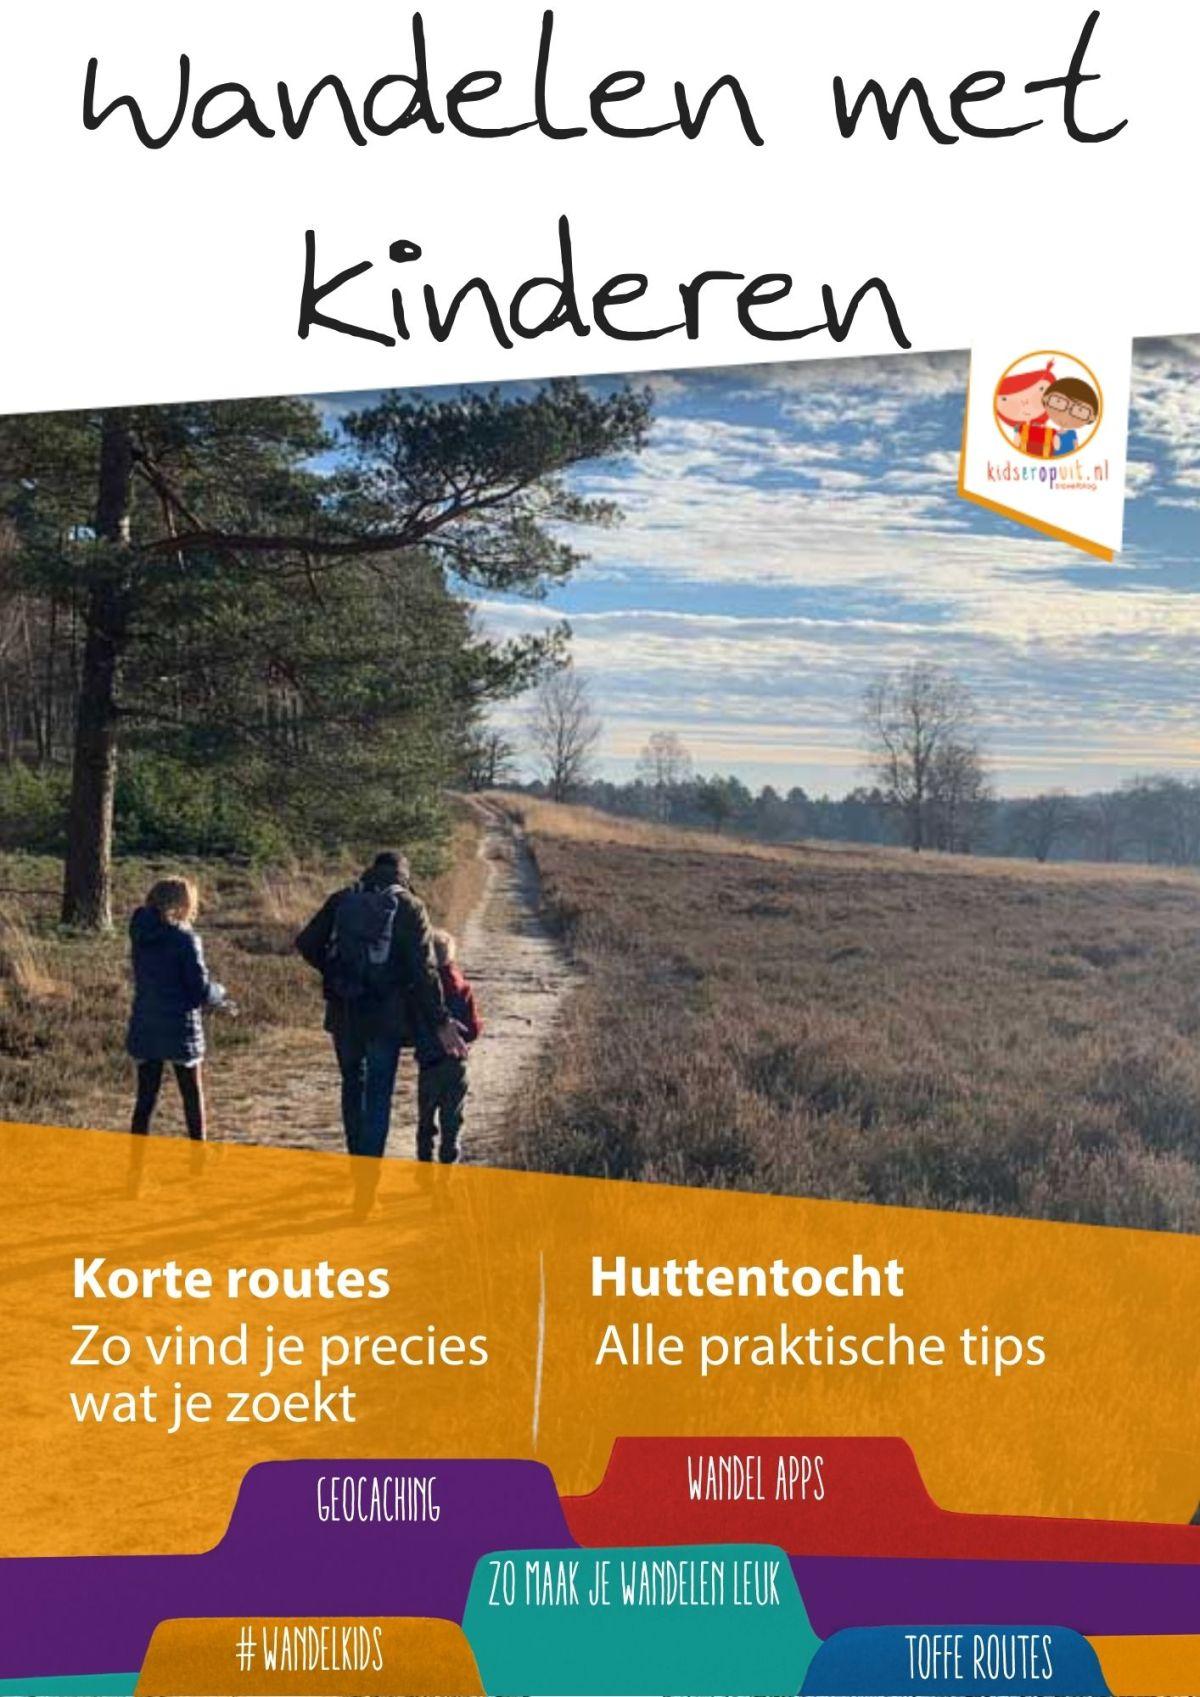 E-book 'Wandelen metkinderen'